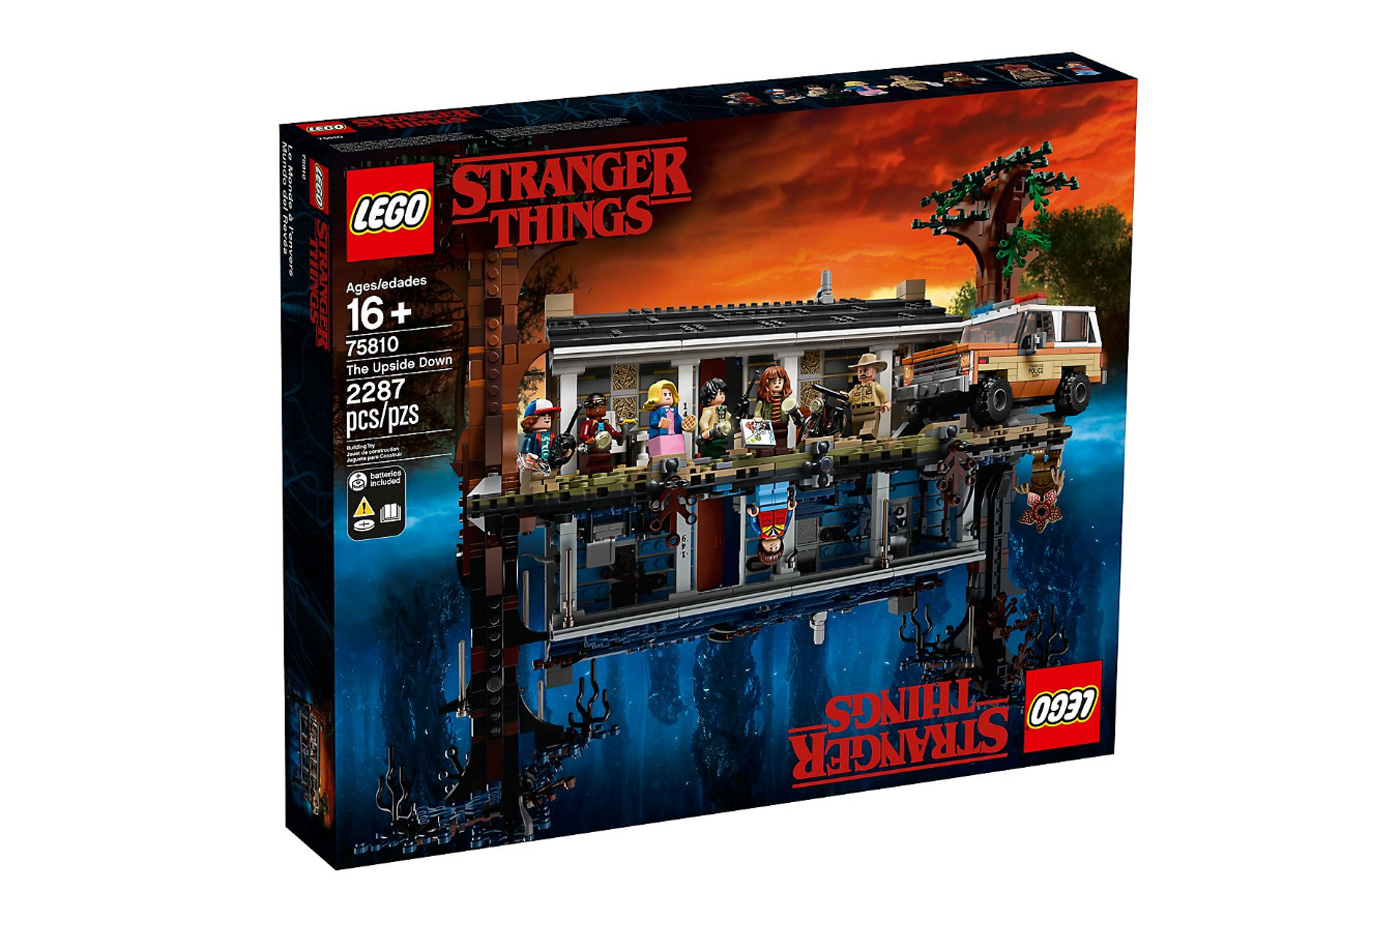 LEGO lance un set impressionnant dédié à Stranger Things